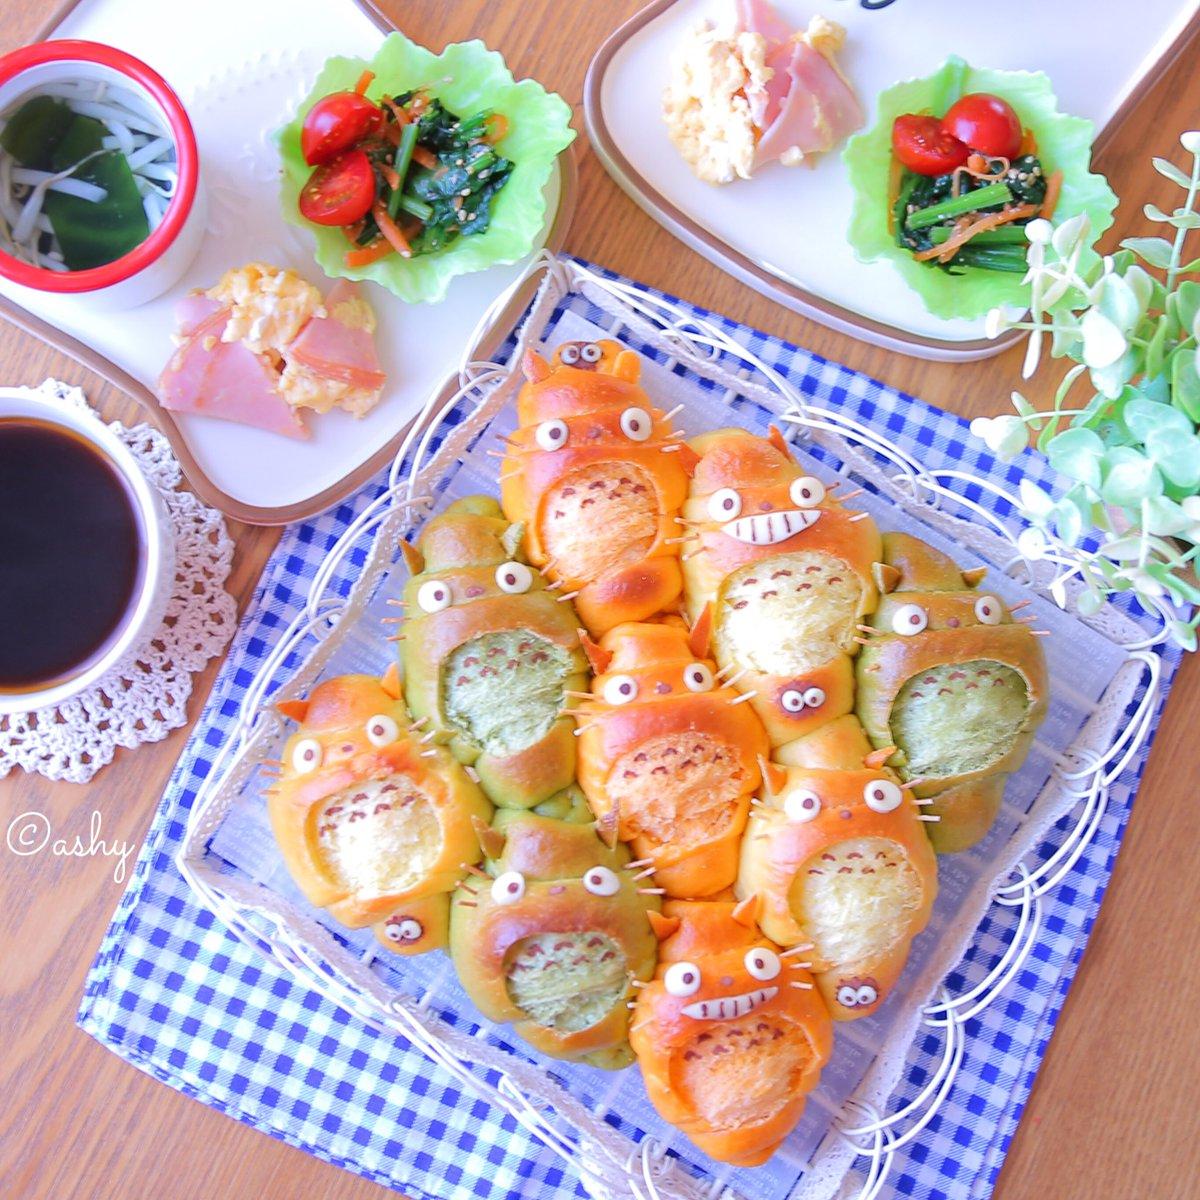 ❁本日のパンアート❁#ぎゅうぎゅうロール と #トトロールパン を合わせて #ぎゅうぎゅうトトロールパン が焼きあがりま